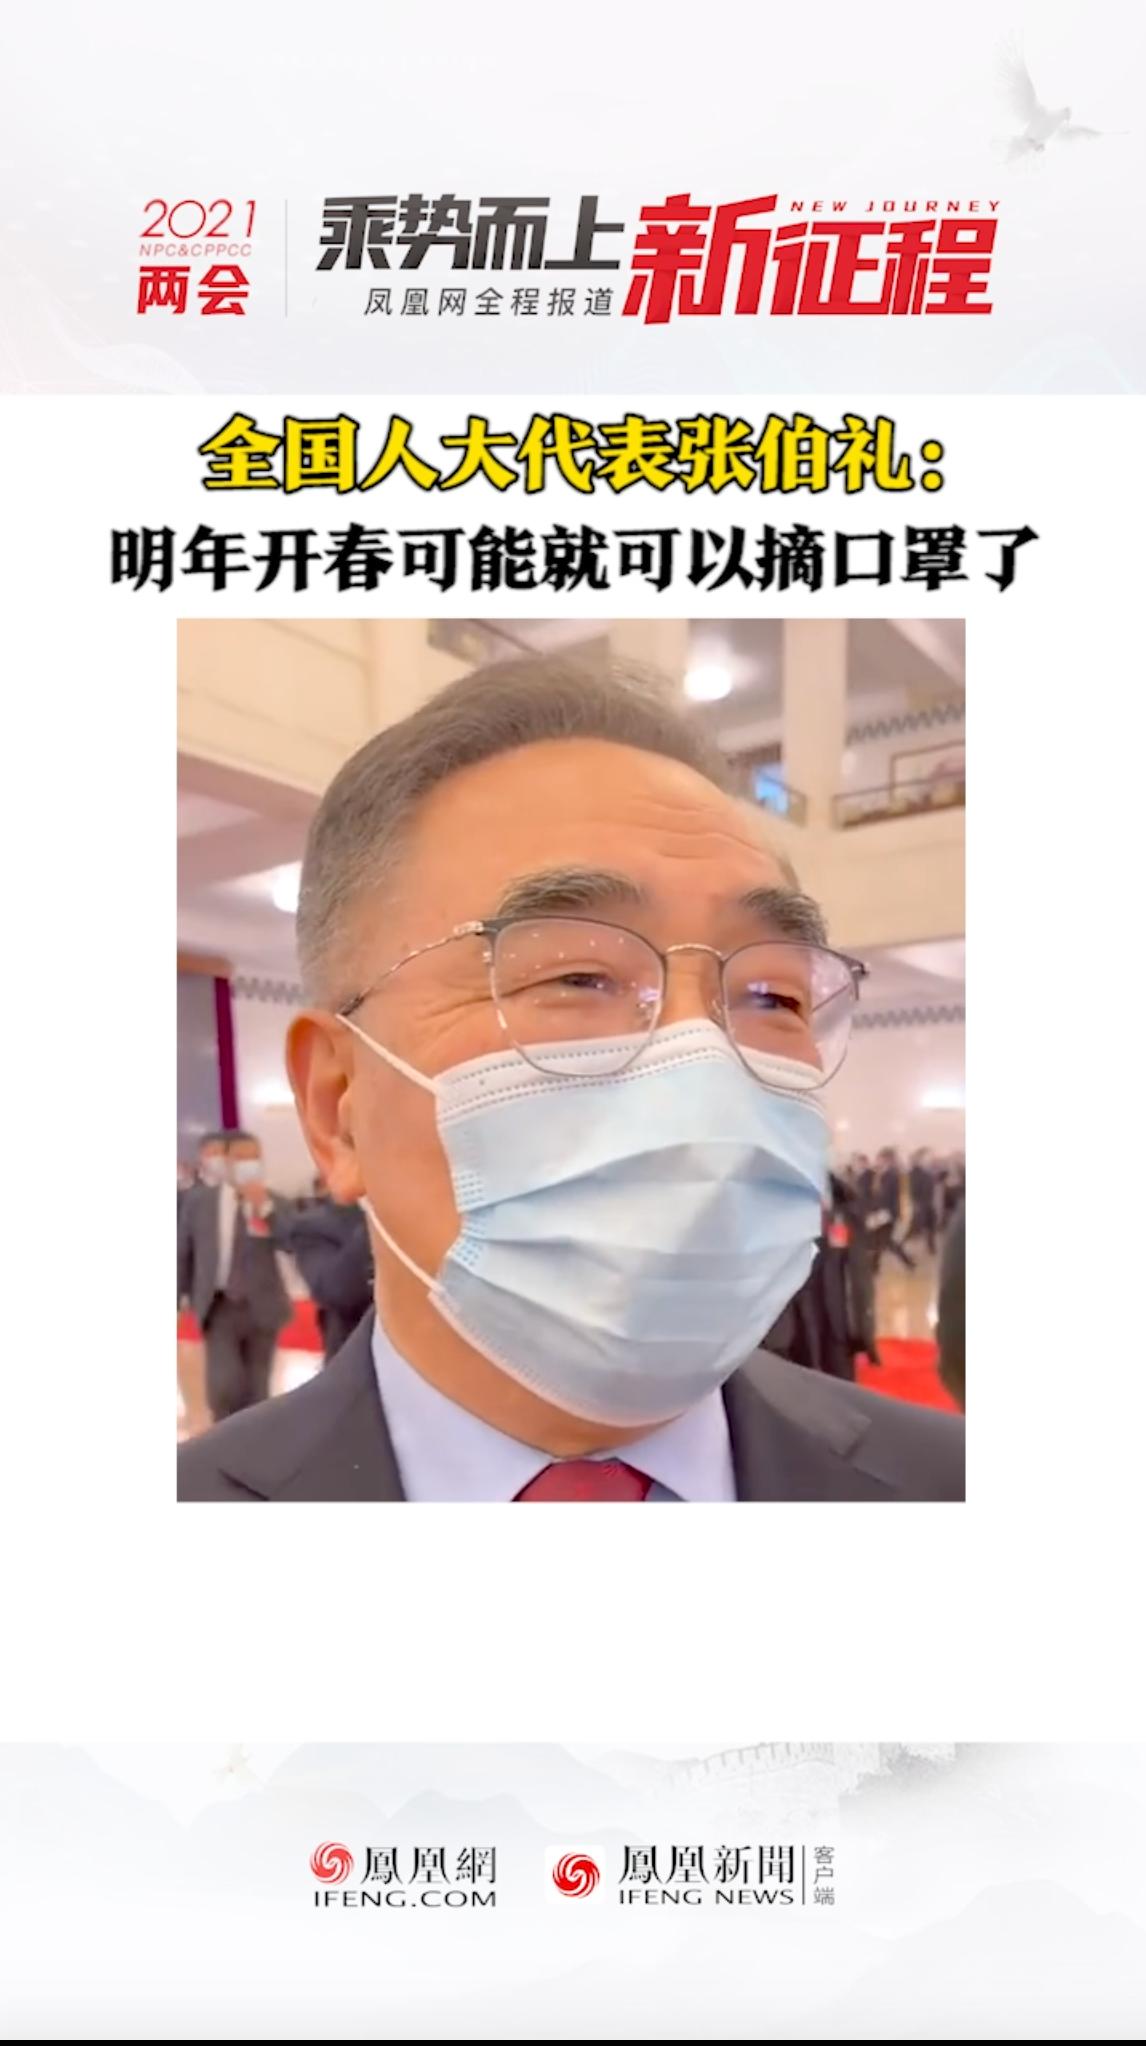 全国人大代表张伯礼:明年开春可能就可以摘口罩了